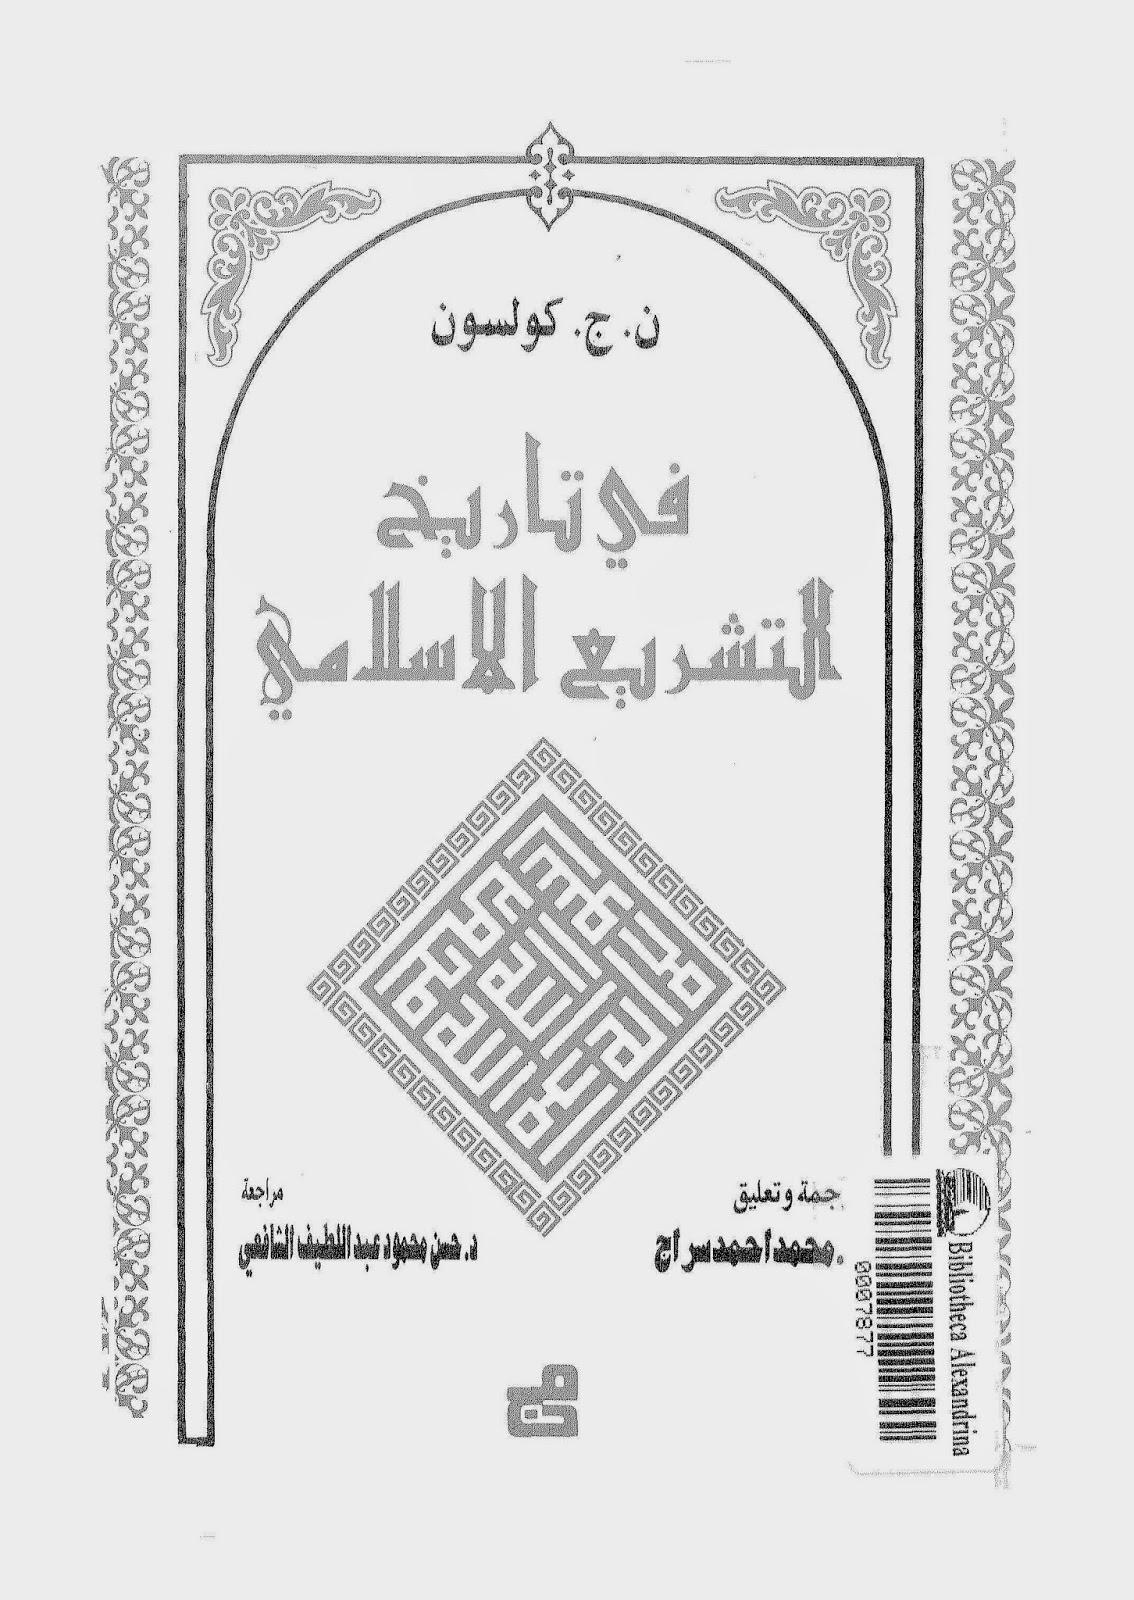 كتاب في تاريخ التشريع الإسلامي لـ ن. ج. كولسون